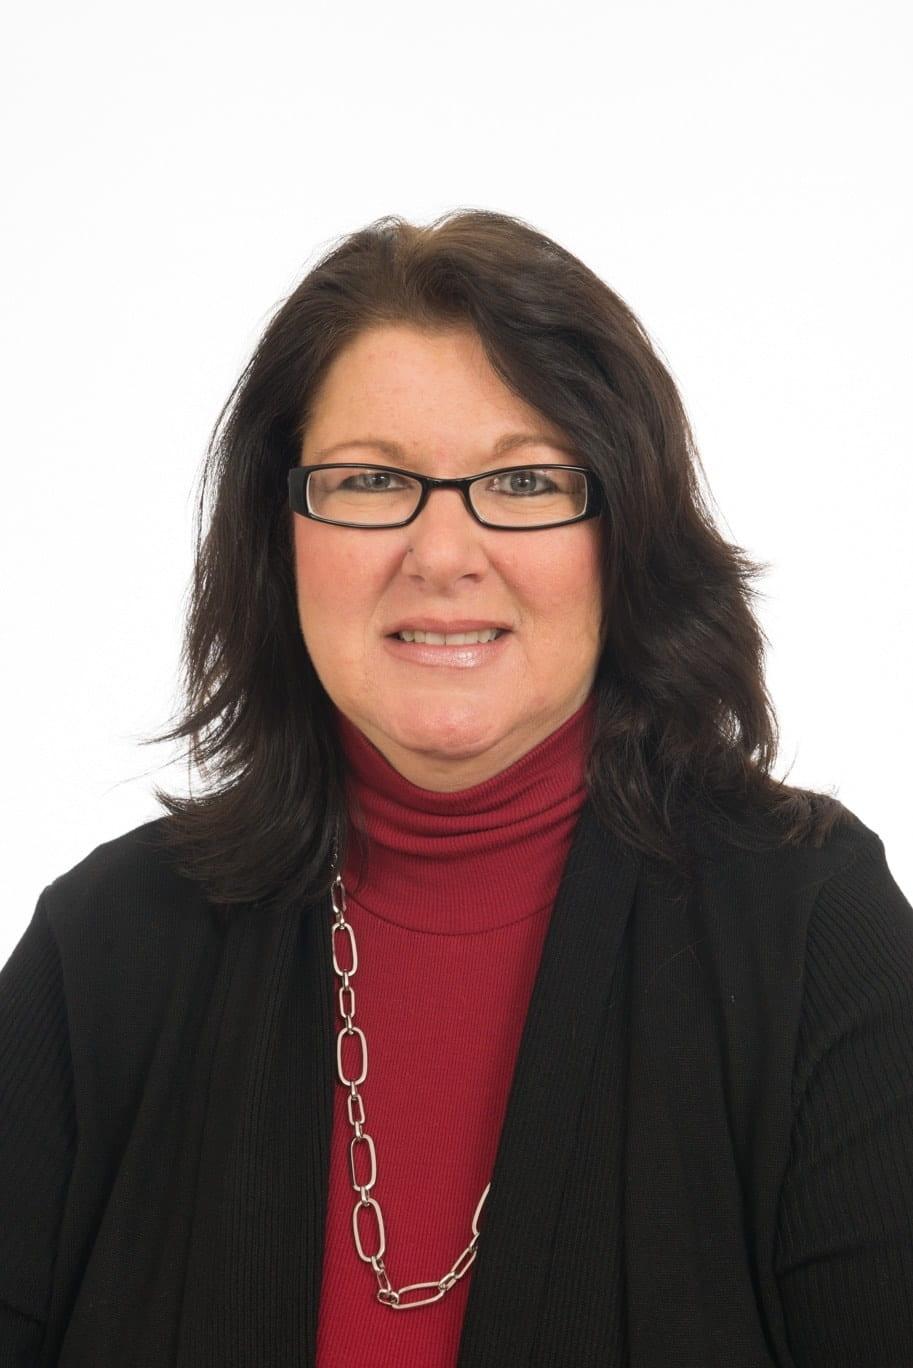 Paula Hoover